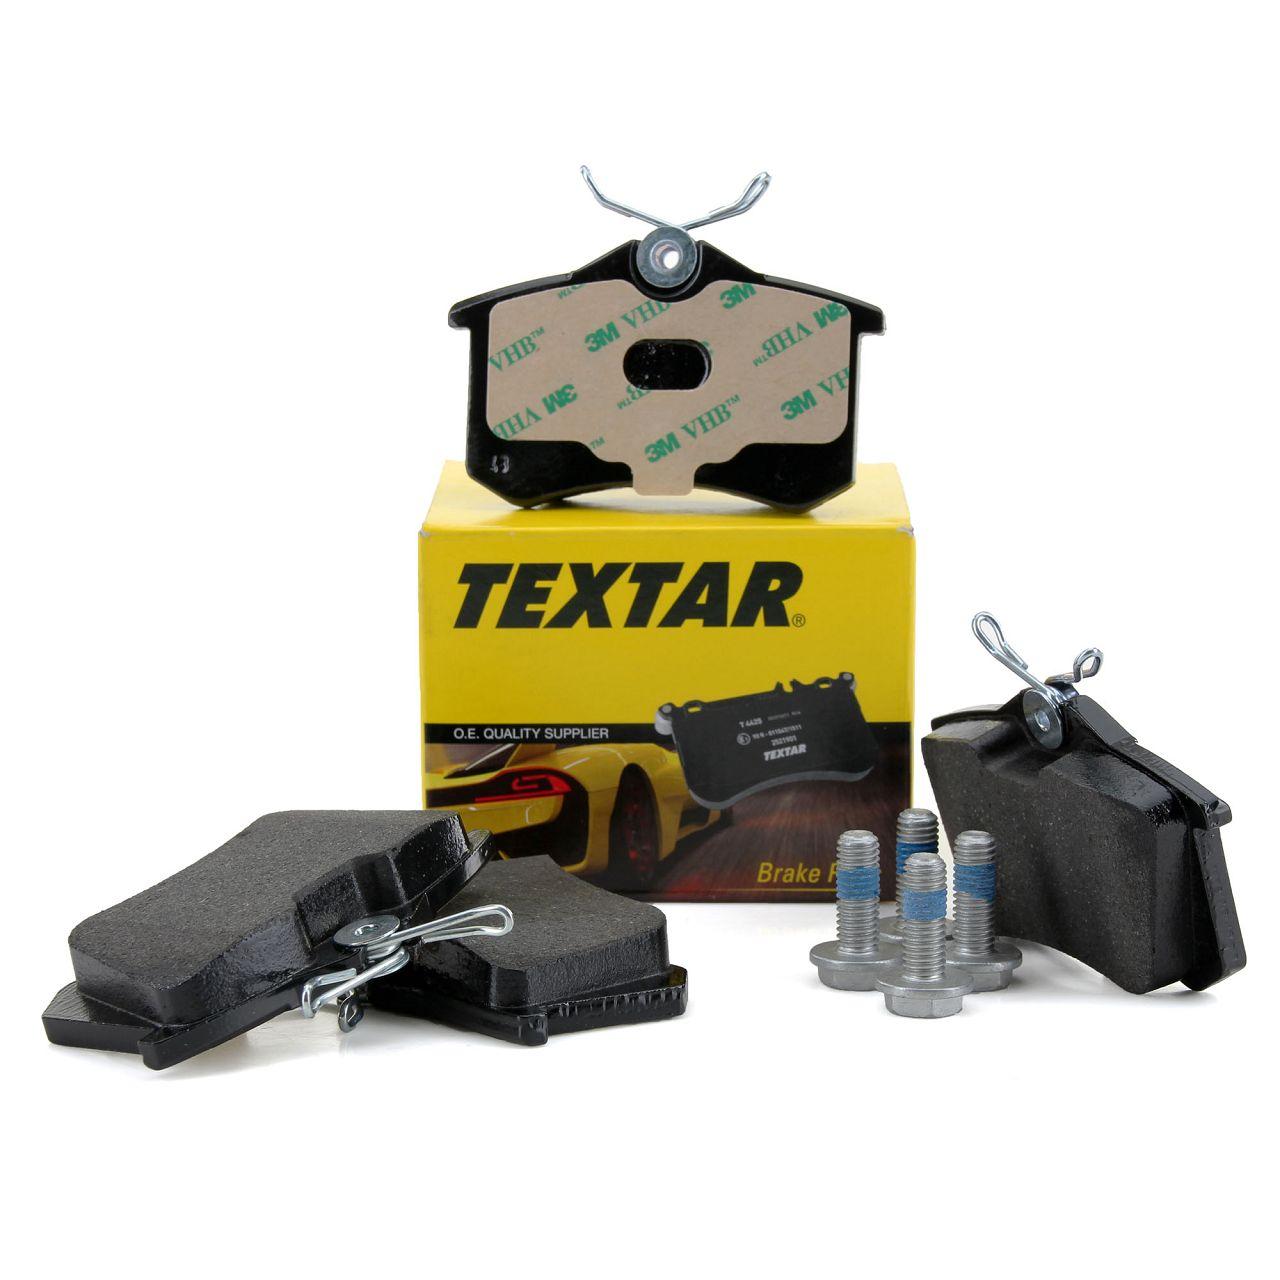 TEXTAR 2355402 Bremsbeläge AUDI A1 A3 A4 A6 SEAT SKODA VW GOLF 3 4 5 6 hinten 8E0698451K